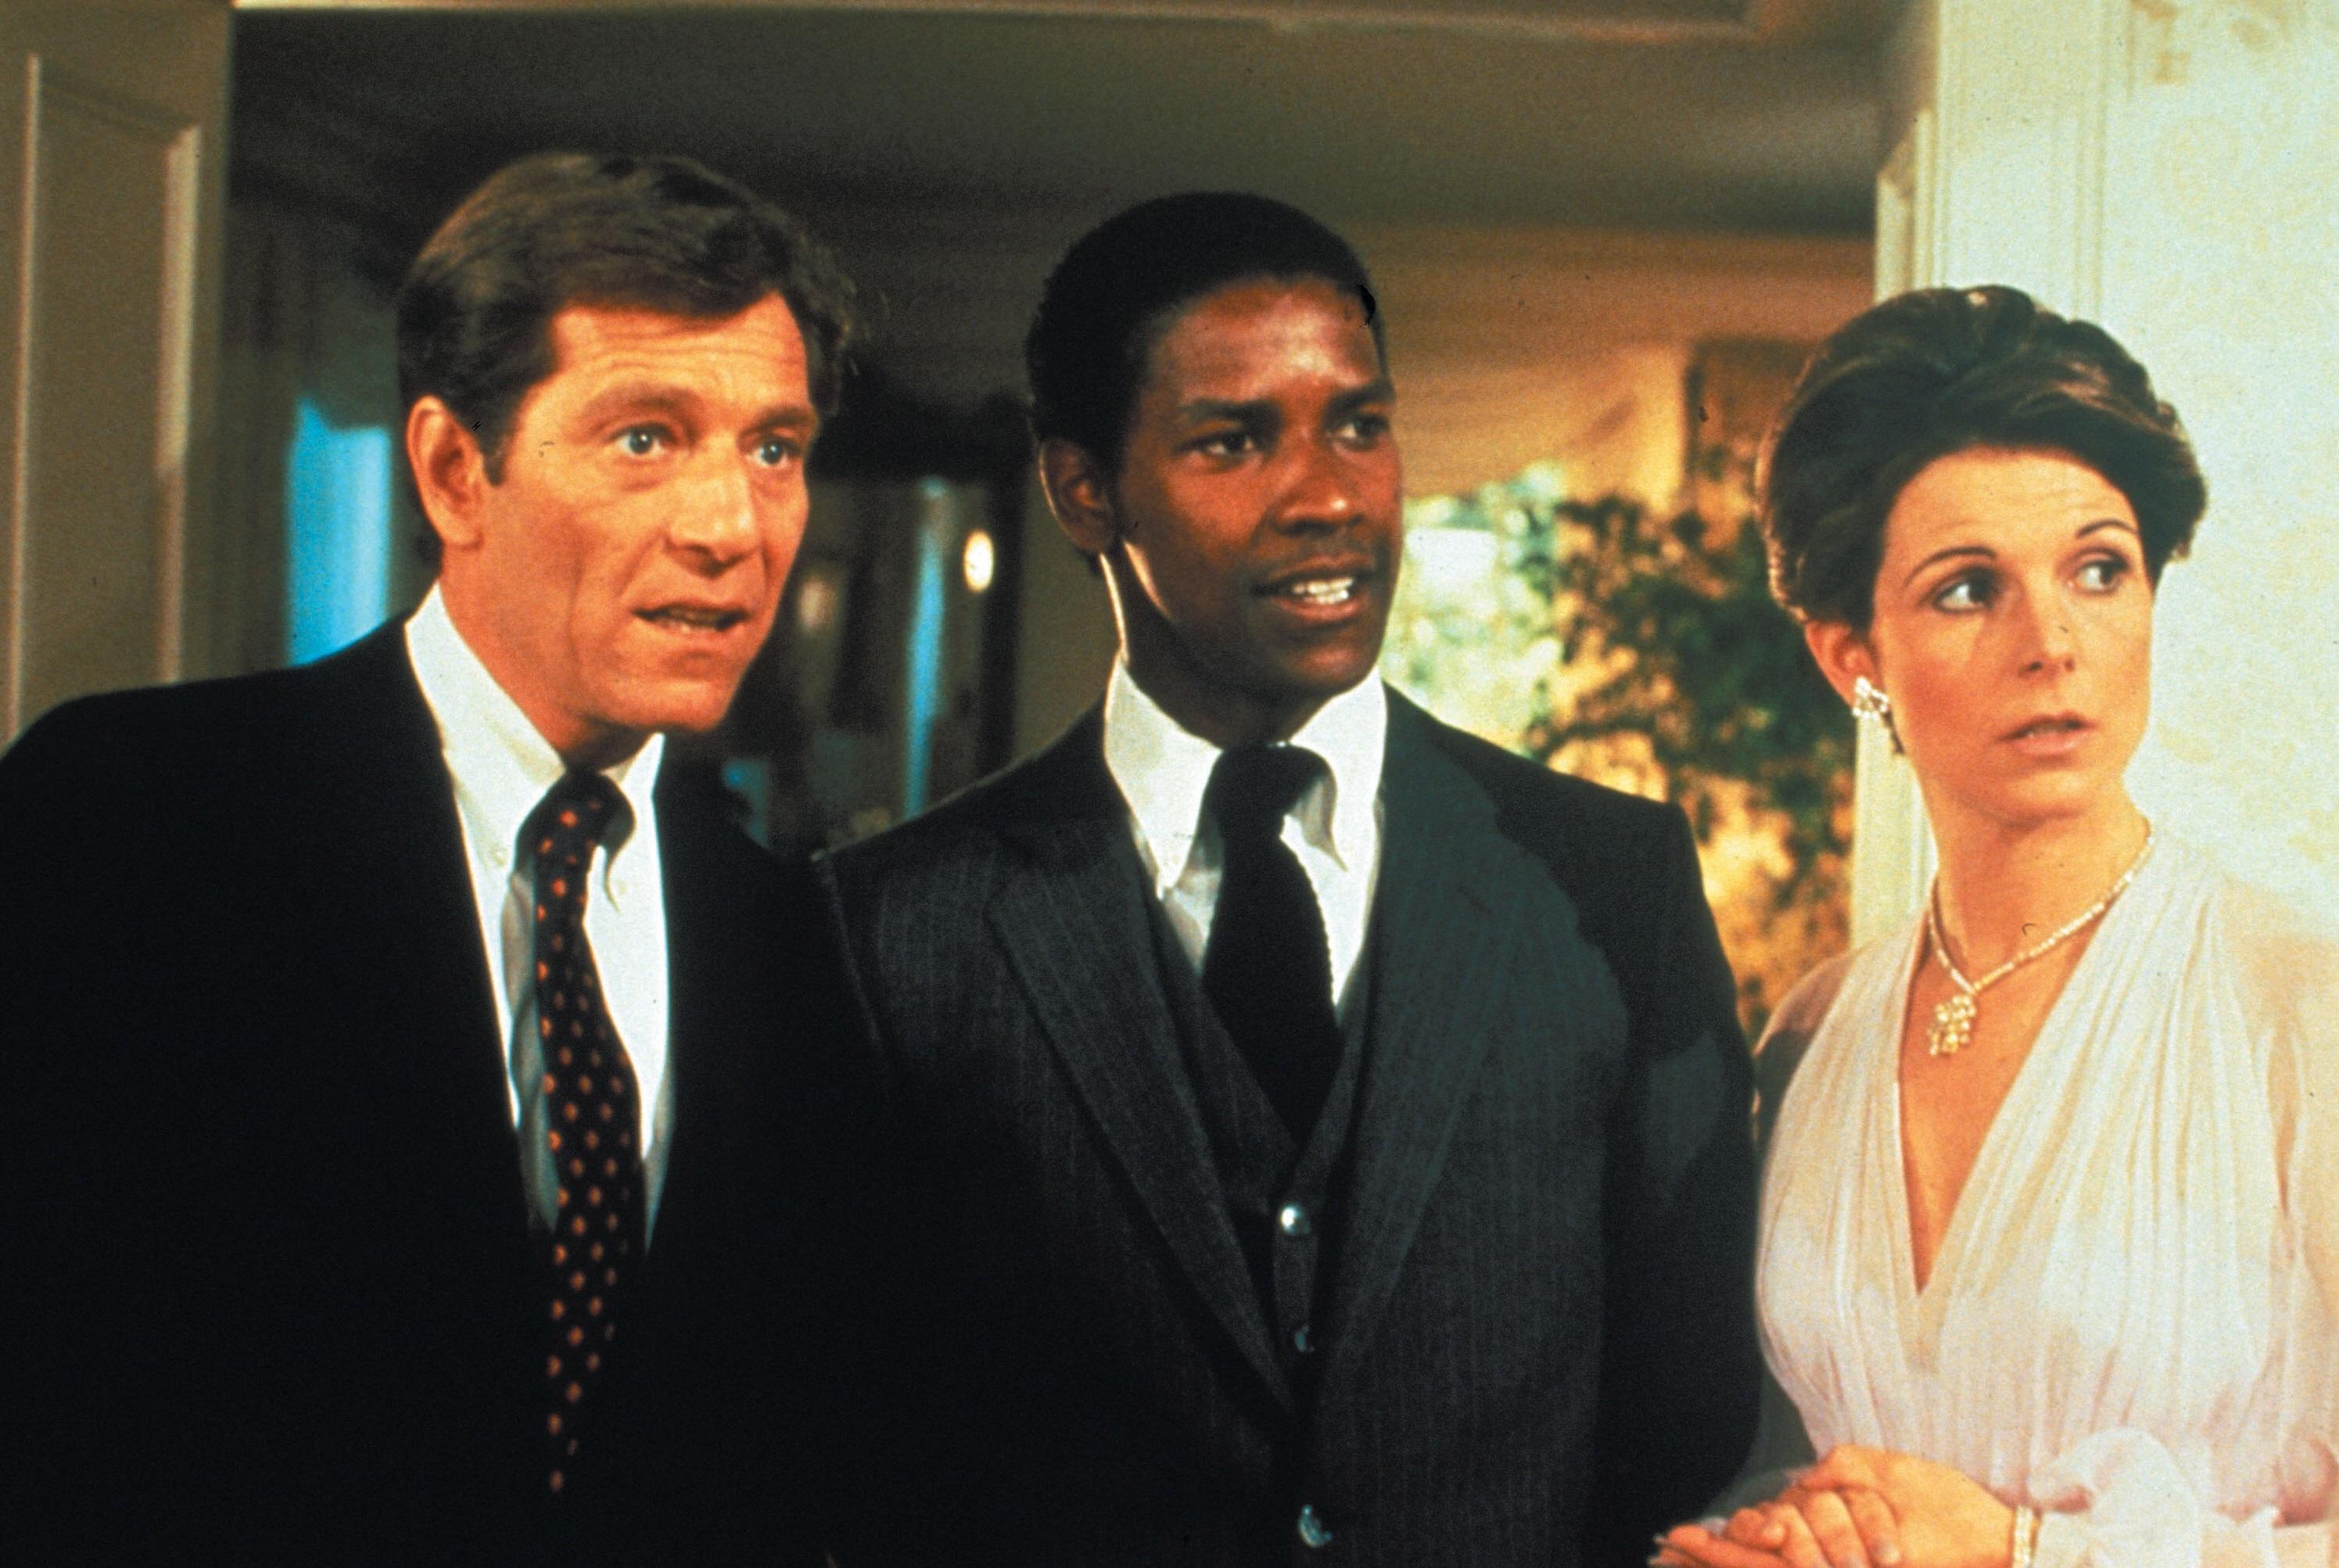 George Segal, Denzel Washington, Susan Saint James, Carbon Copy